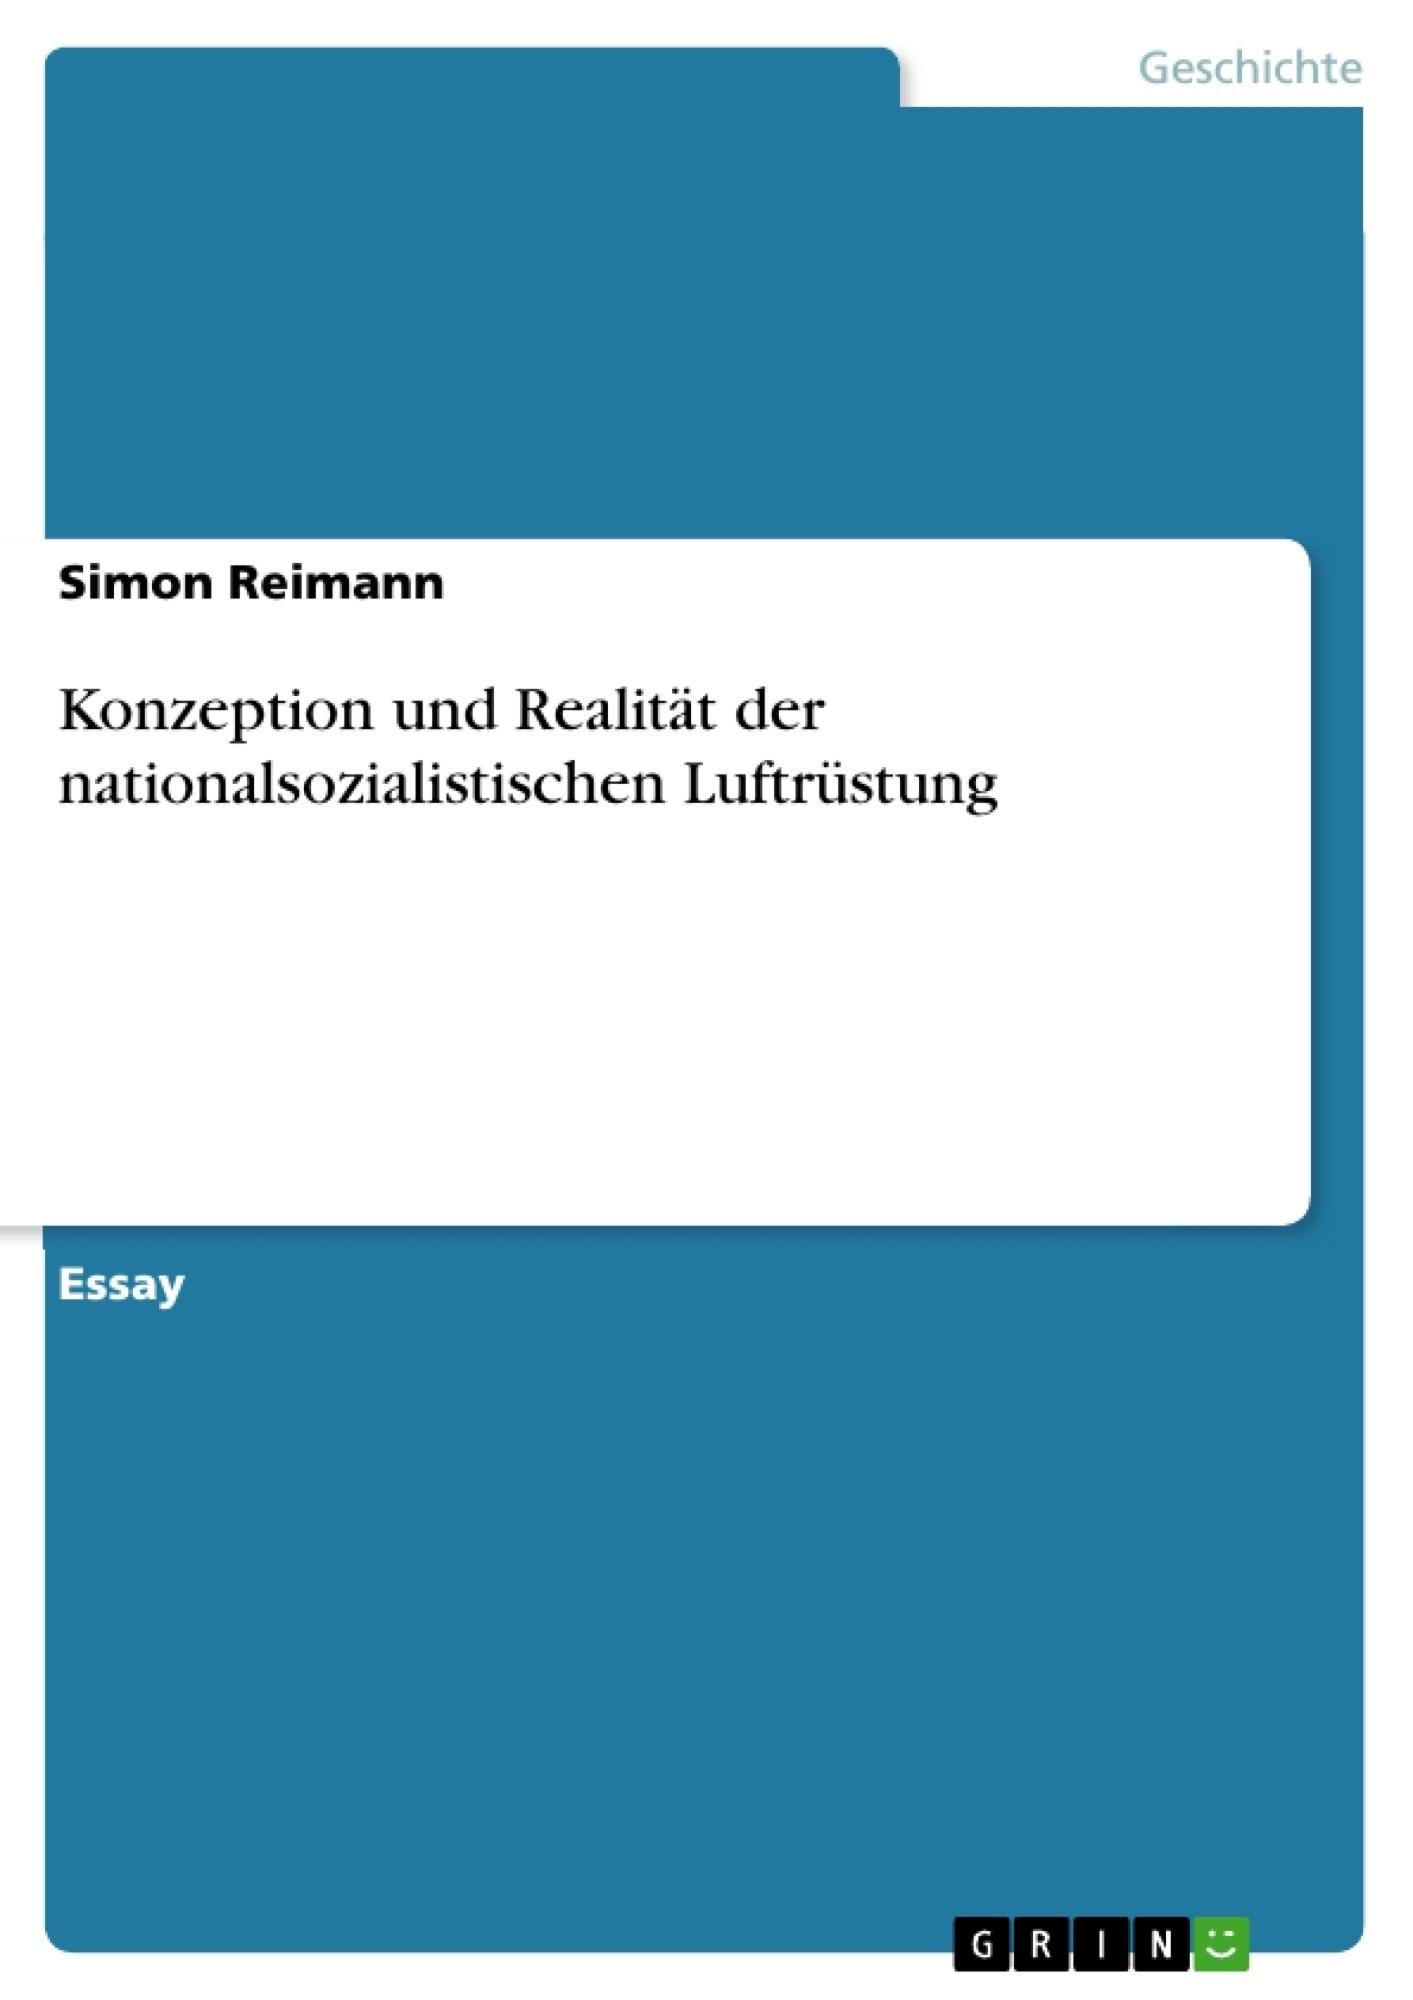 Titel: Konzeption und Realität der nationalsozialistischen Luftrüstung